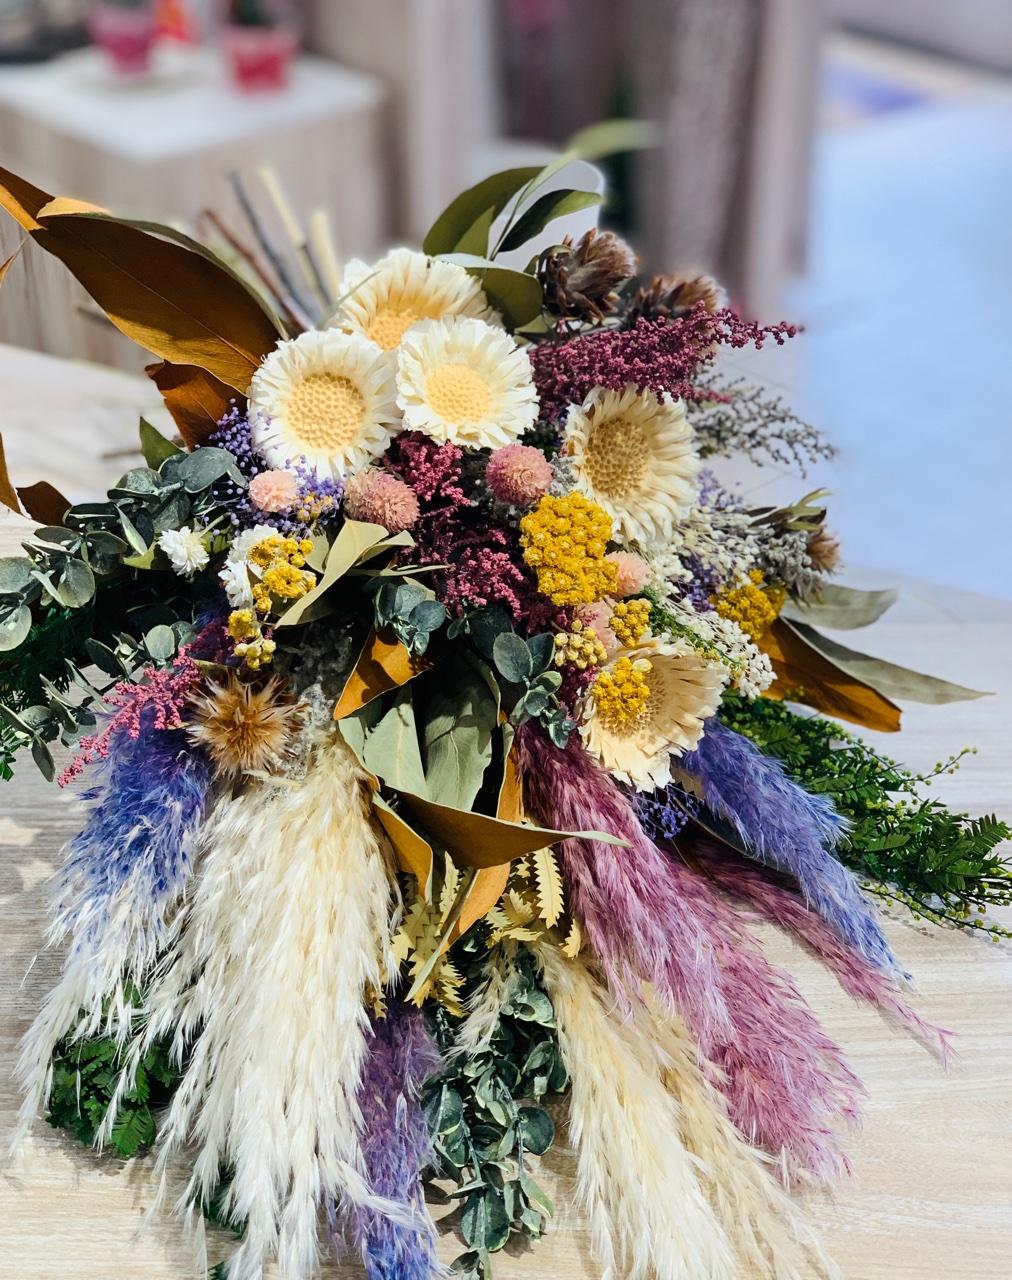 ⑤プリザ×ドライフラワーの花束